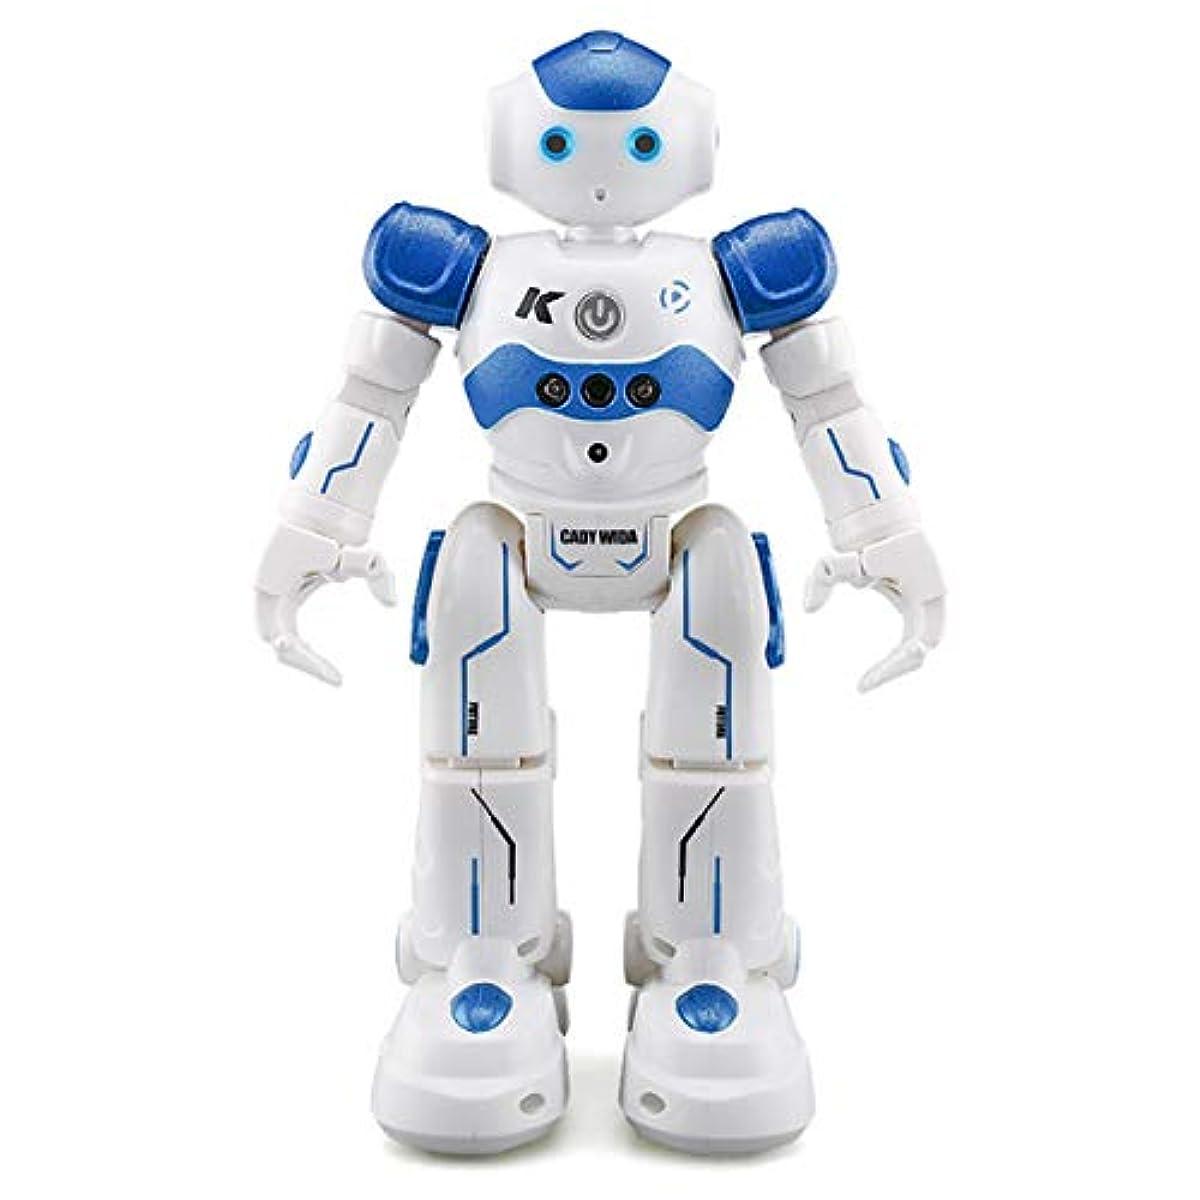 [해외] WEECOC 다기능 로보트 장난감 라디오 컨트롤 로보트 손짓 제어 그것은 노래와 춤을 한 아이의 장난감 해피버스데이 선물 화이트